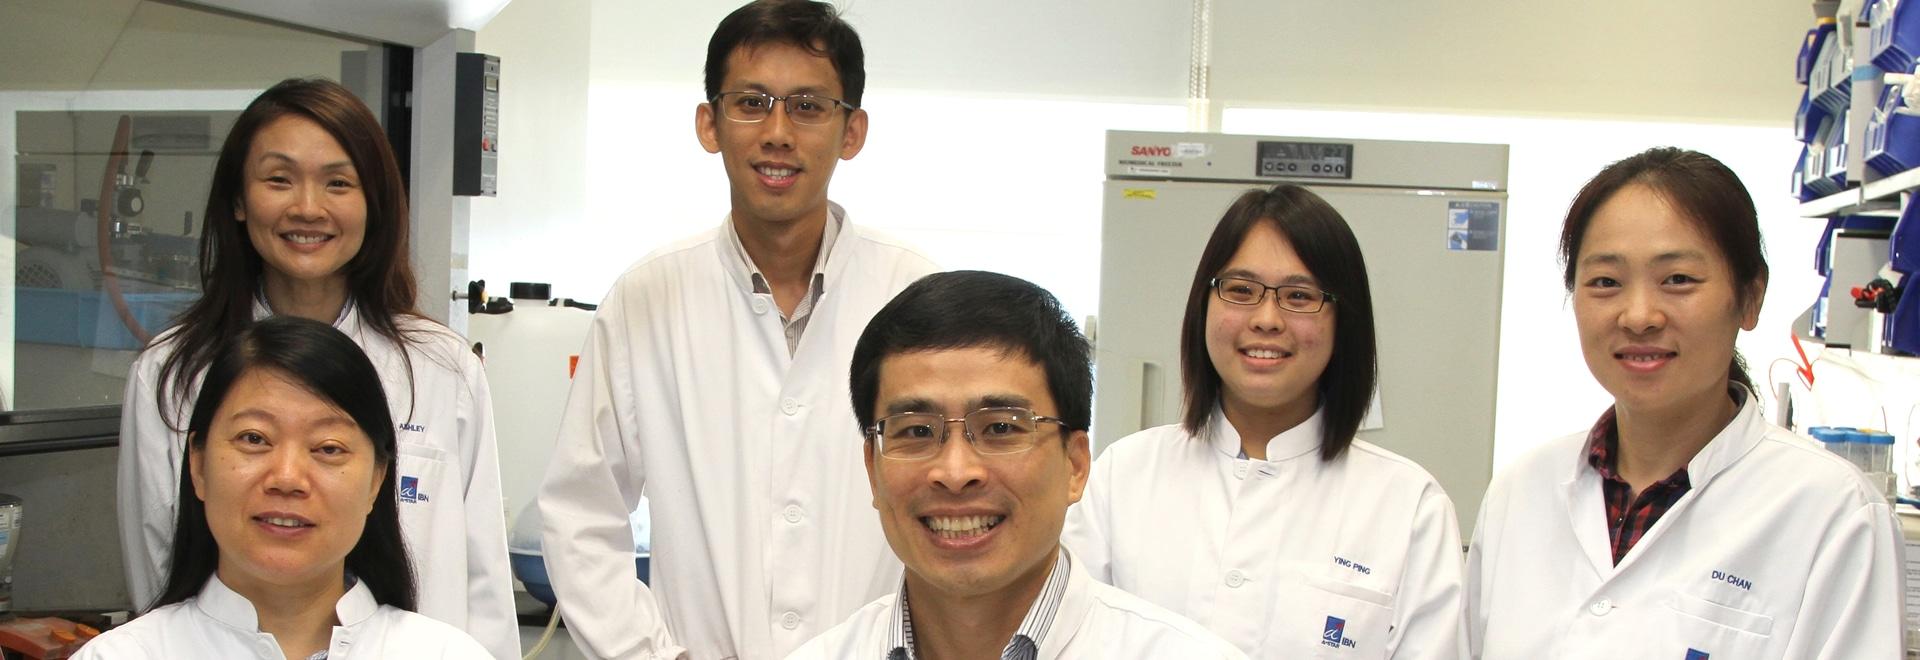 El tejido humano del corazón crecido de las células madres mejora la prueba de la droga